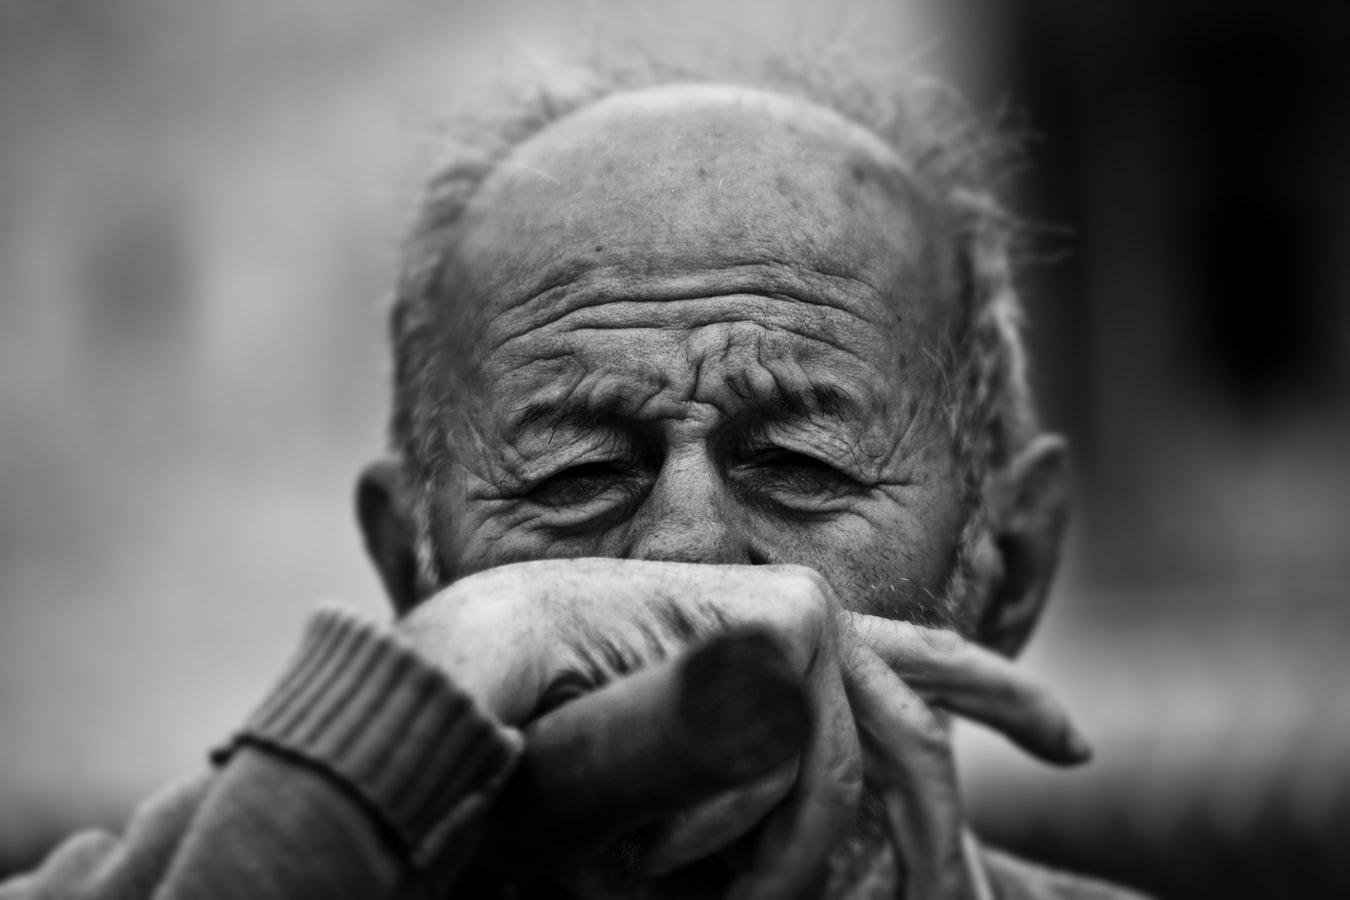 рибонуклеиновая кислота, болезнь Паркинсона, деменция, диагностика, дом престарелых, Вилла Добра